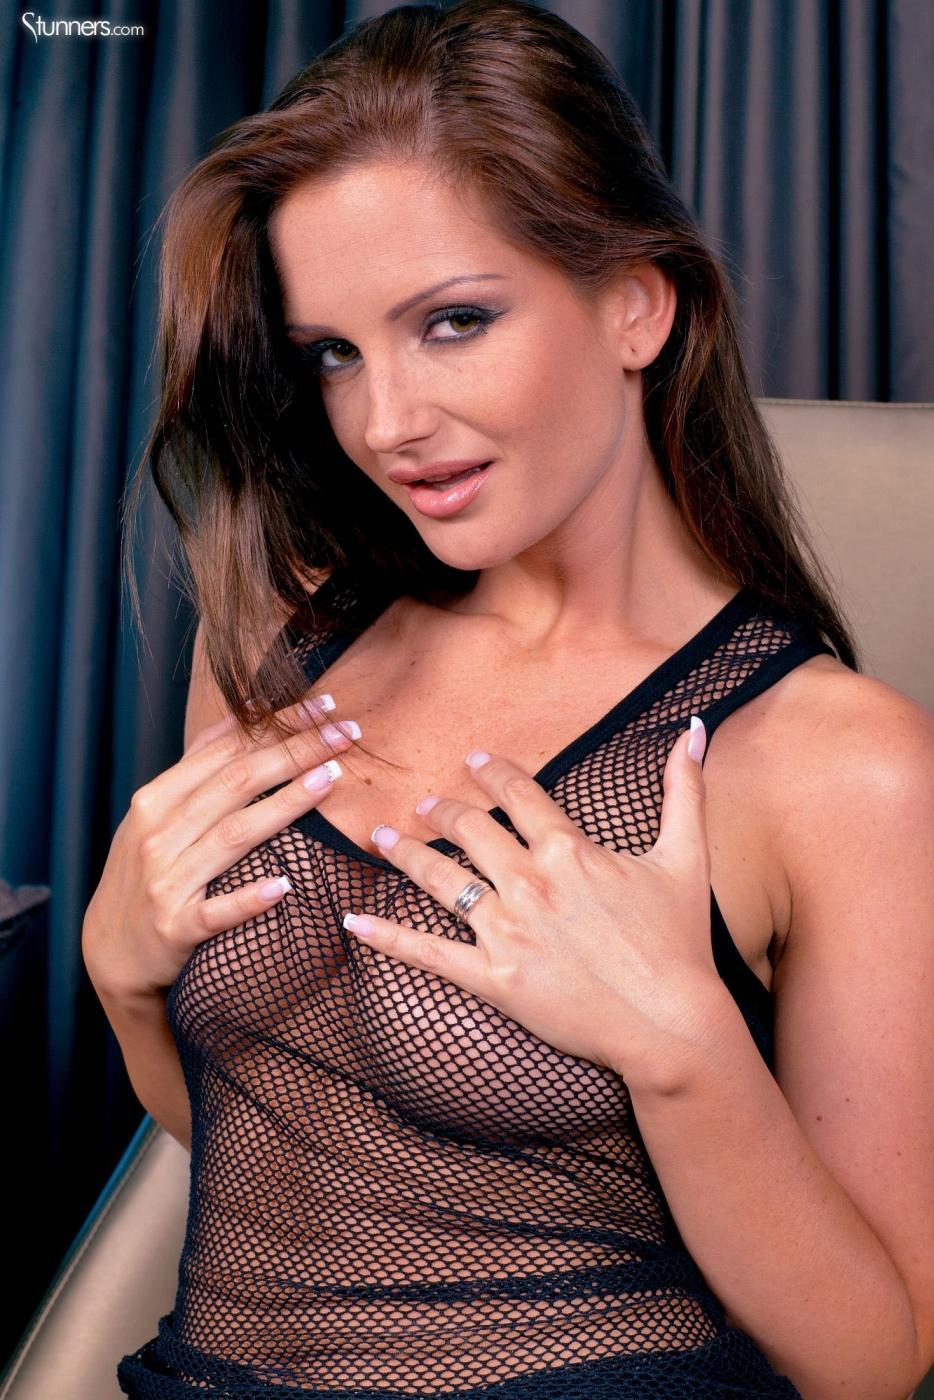 Сисястая сучка в прозрачном наряде Sandra Shine снимает трусики и показывает голую киску